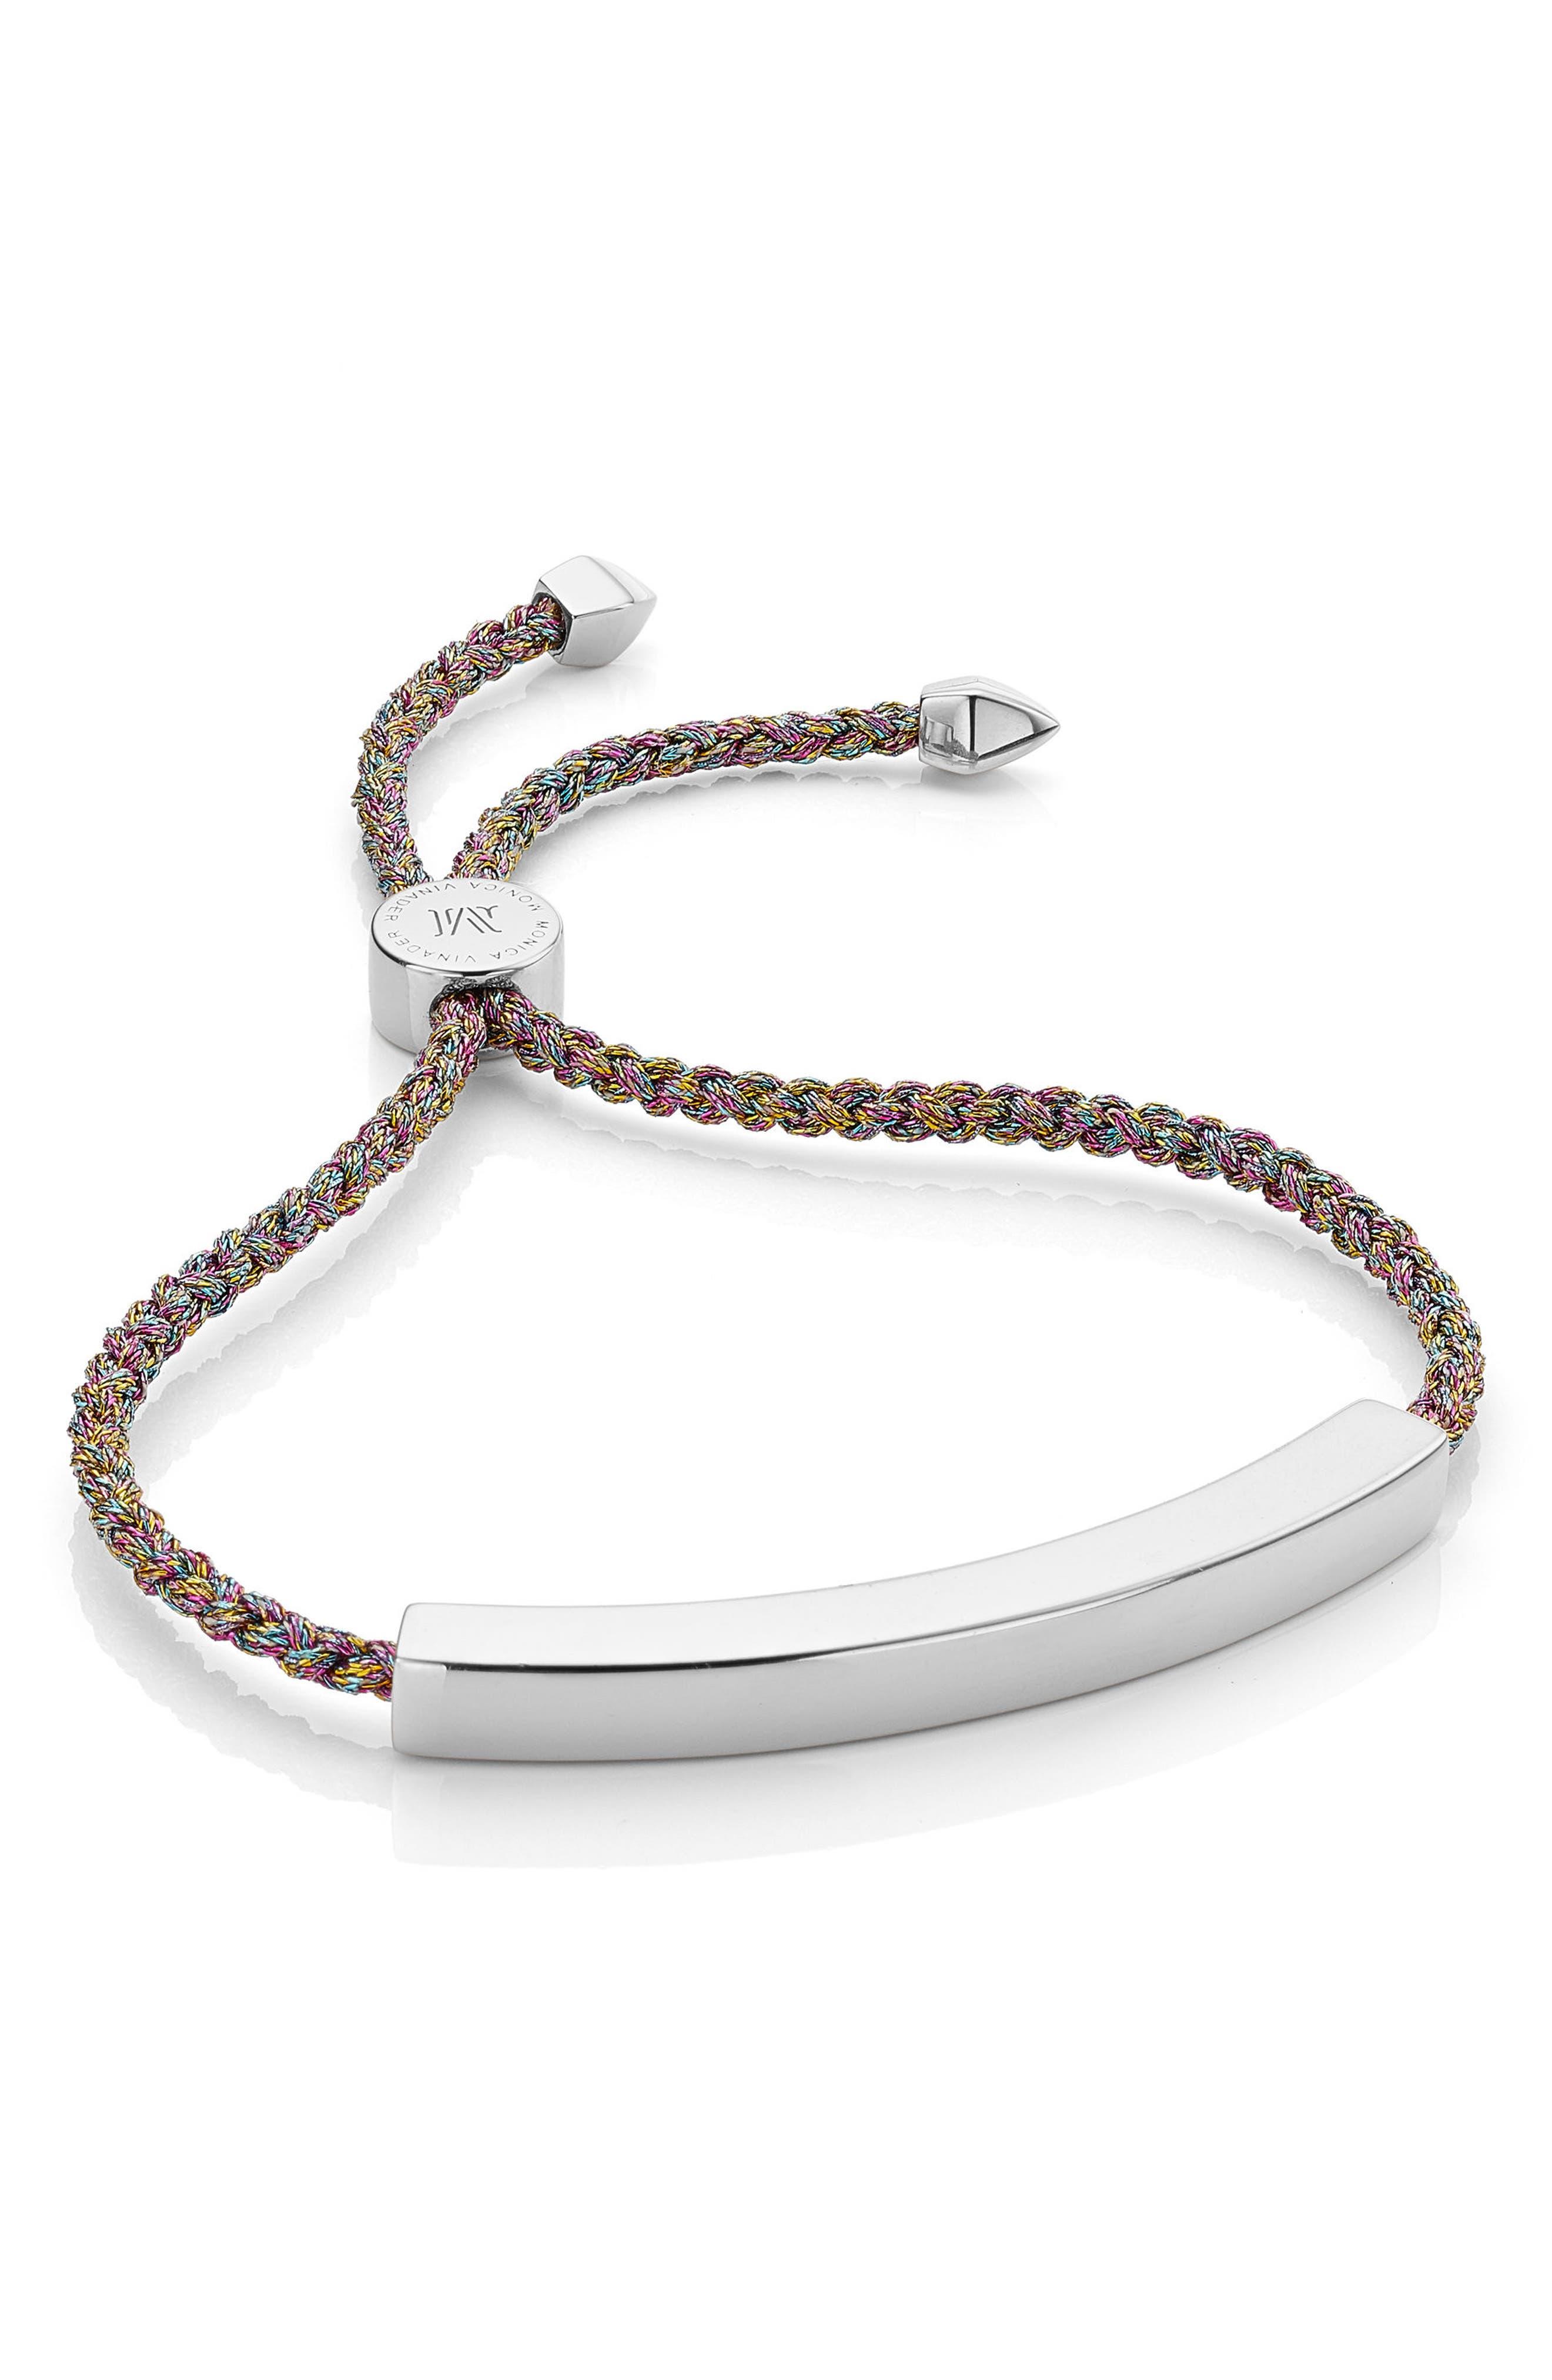 Engravable Large Linear Friendship Bracelet,                         Main,                         color, RAINBOW METALLIC/ SILVER